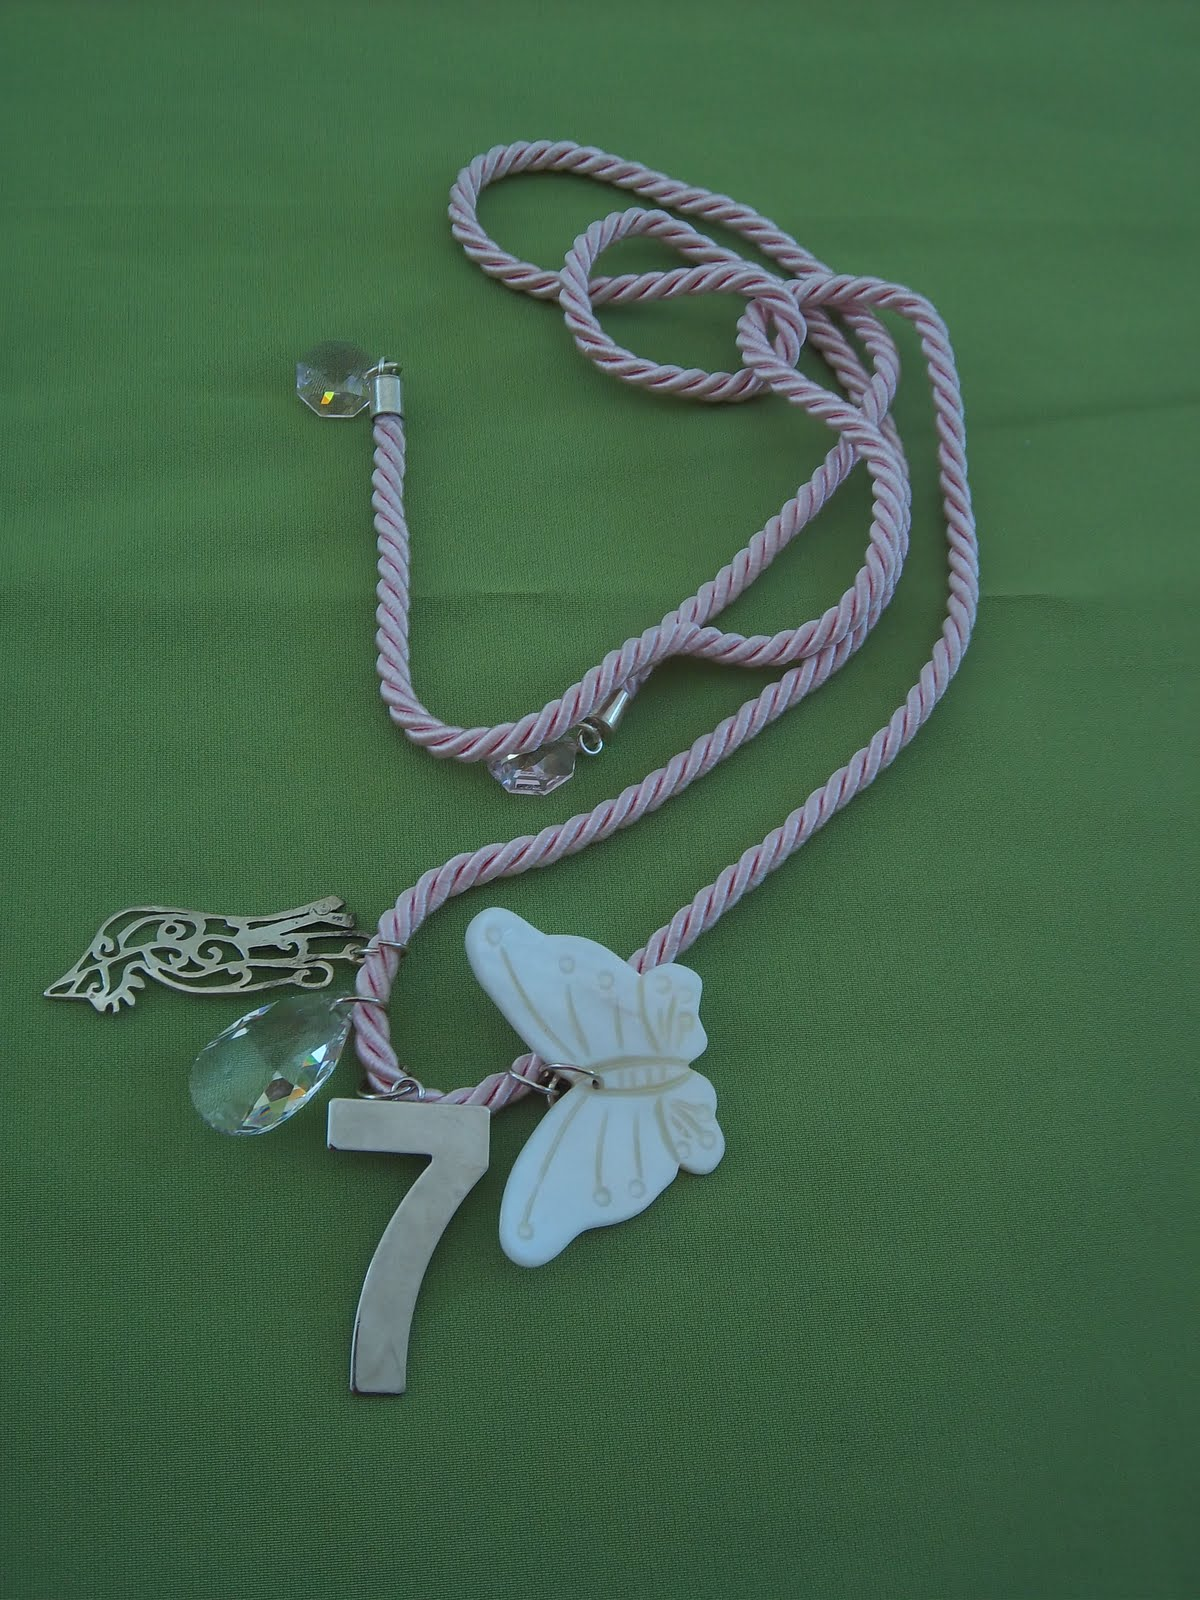 Κορδόνι μεταξωτό σε απαλό ροζ χρώμα με ακροδέκτες από ασήμι 925 και γνήσια  swarovski . Μια πεταλούδα από φίλντισι 4aea6eccd67